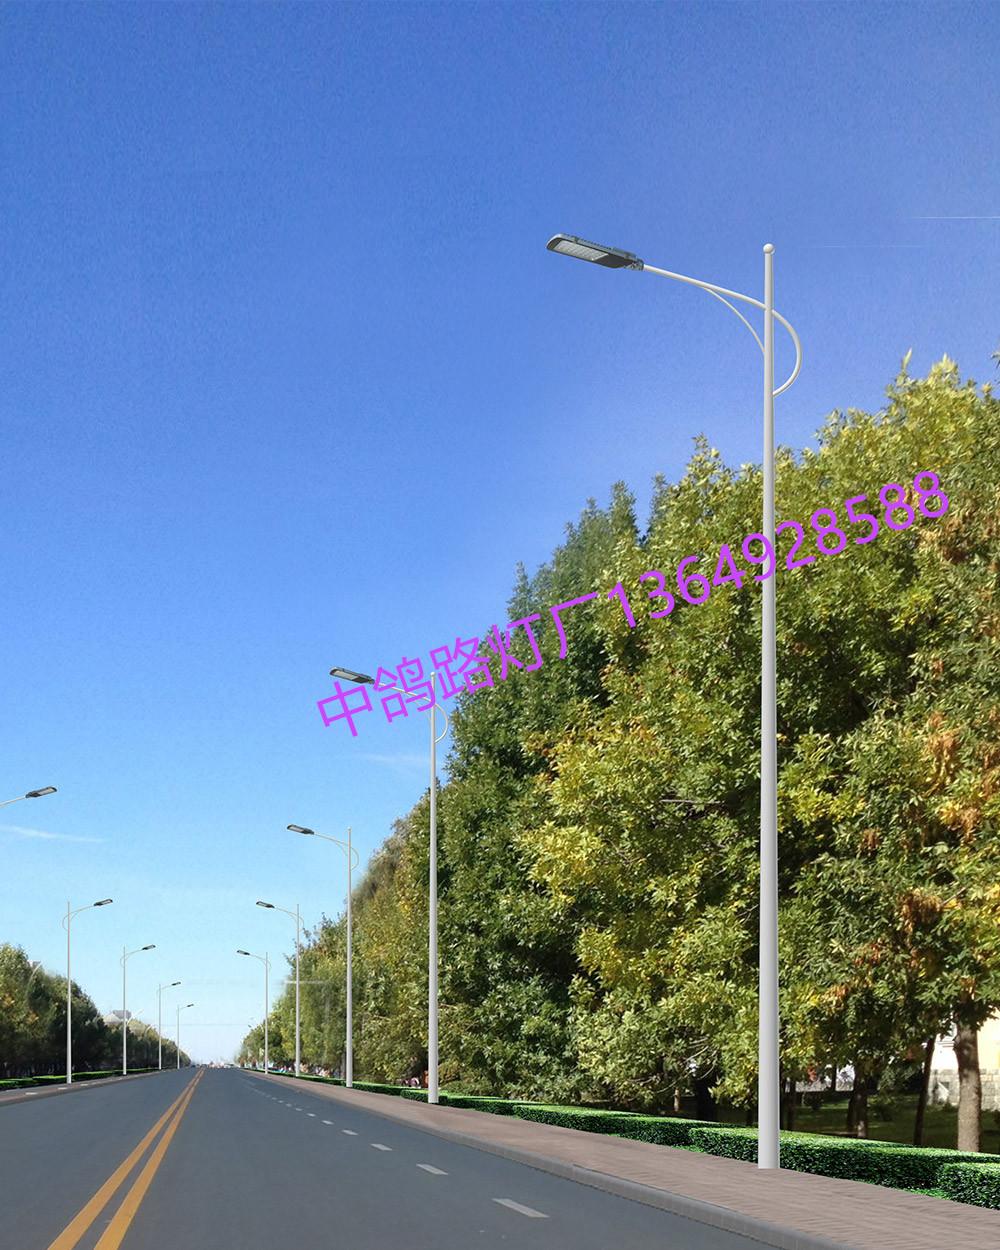 太阳能灯led路灯 厂家 直销 农村户外照明 工程竞标 工厂直销一带一路供应商!